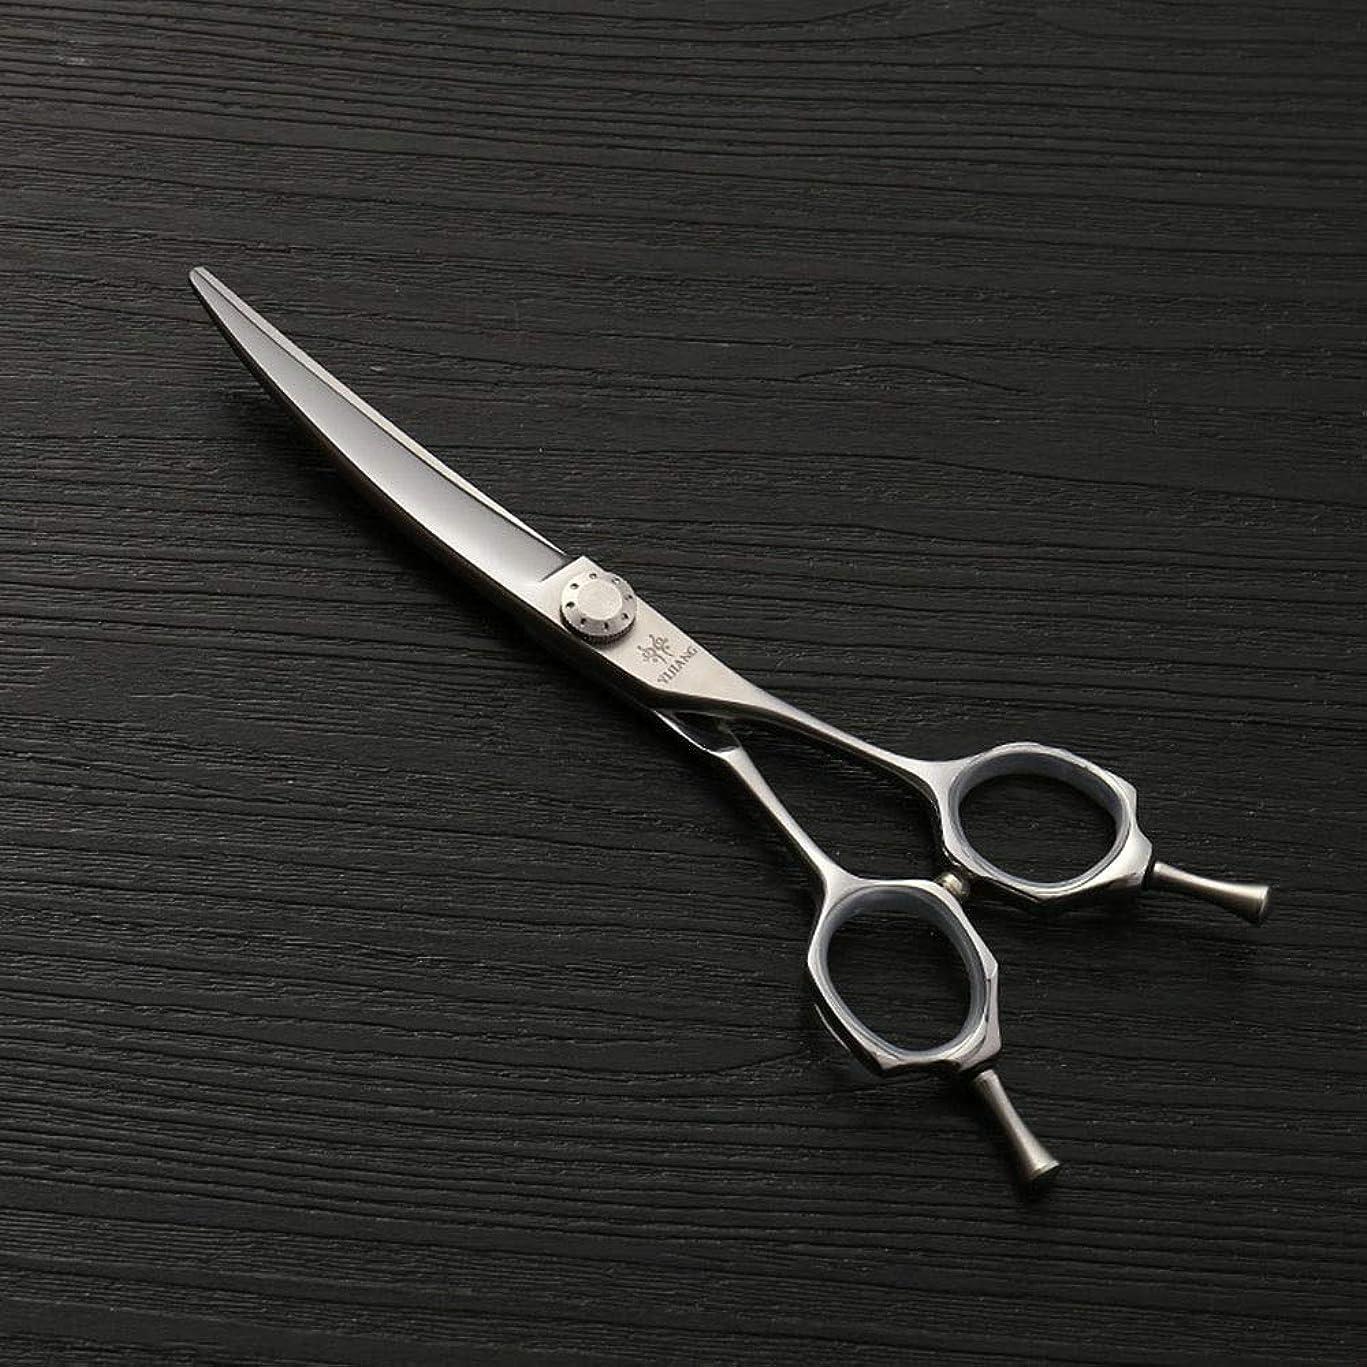 生む追跡遷移440Cステンレス鋼理髪はさみ、6.0ファッション散髪はさみ、ヘアスタイリストの動向 ヘアケア (色 : Silver)